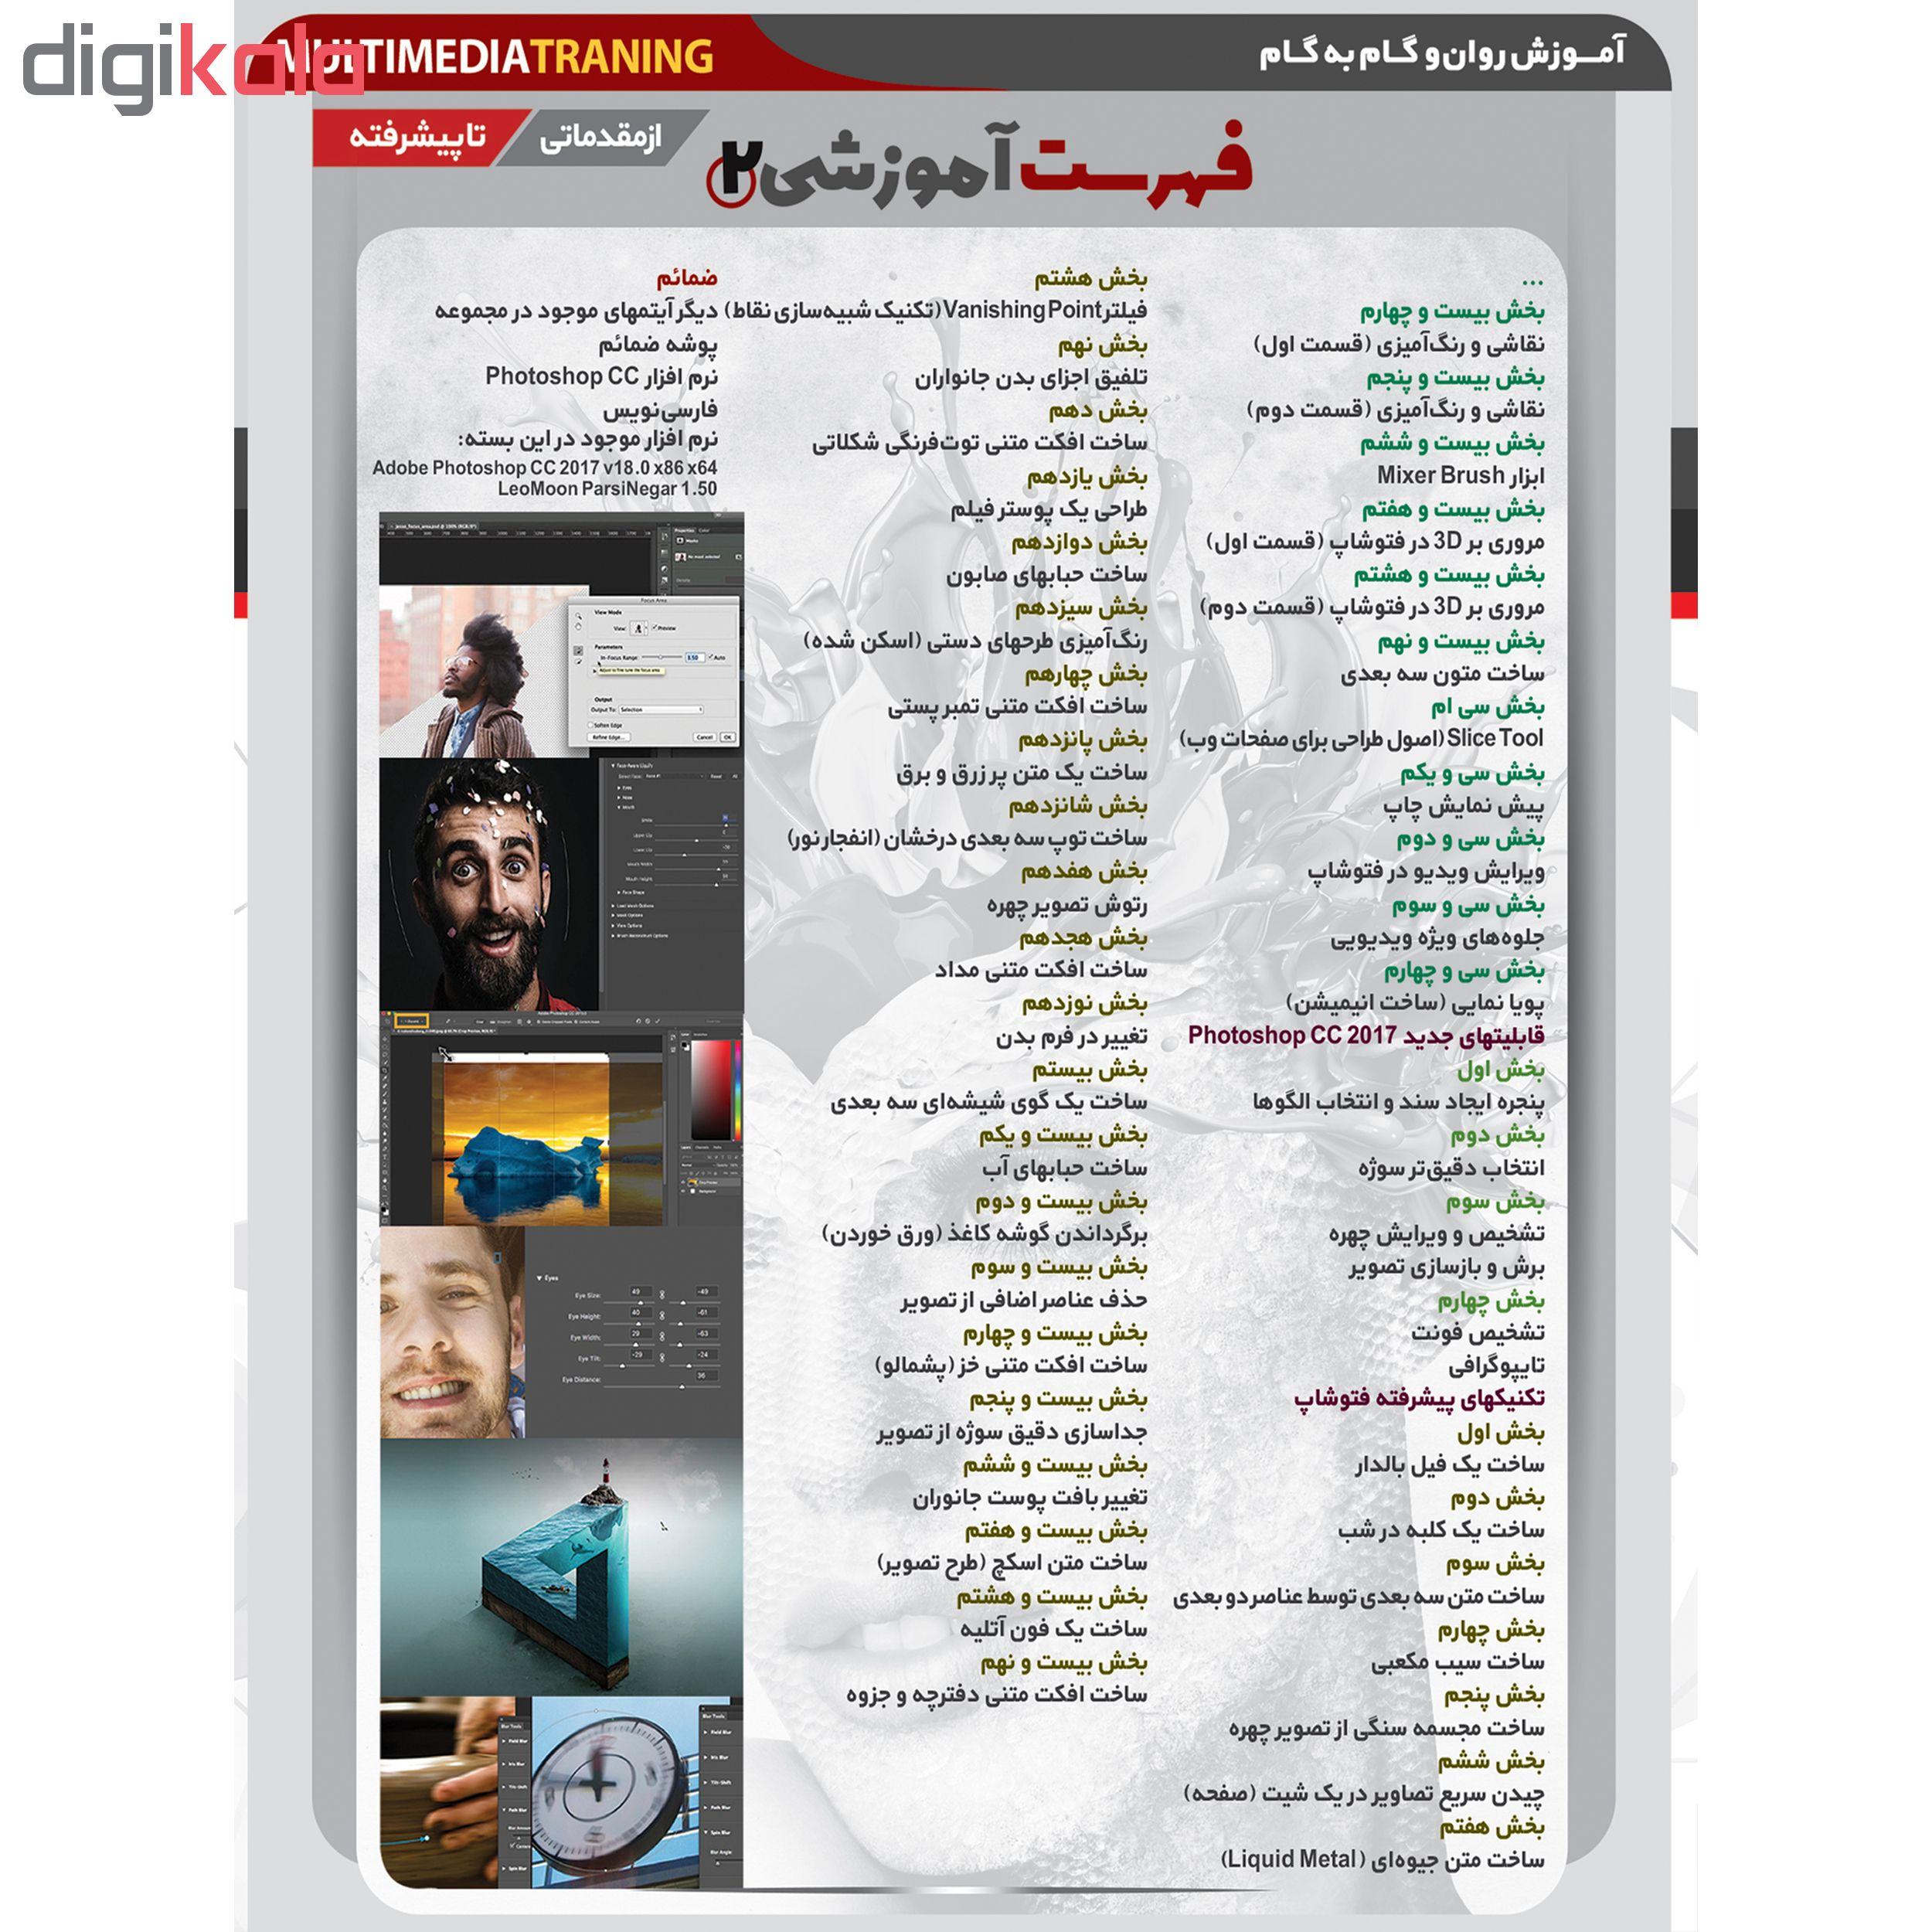 نرم افزار آموزشی PHOTOSHOP CC نشر پدیده به همراه نرم افزار آموزشی روتوش چهره در فتوشاپ نشر پدیا سافت